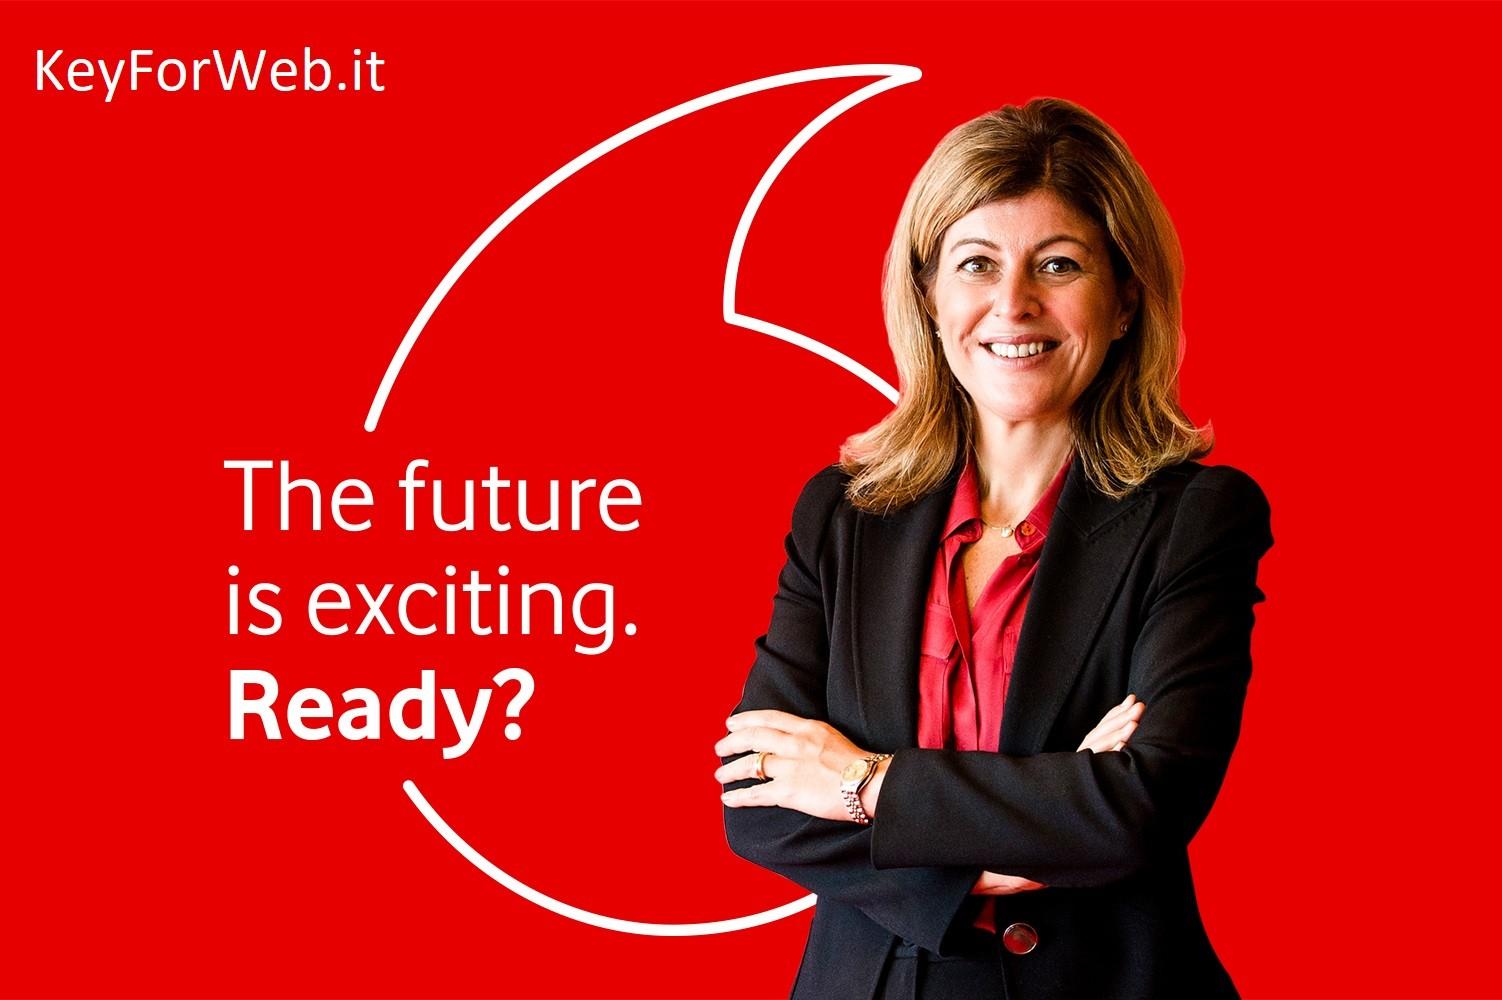 Altra anticipazione per l'offerta passa a Vodafone da 7 euro: la probabile data